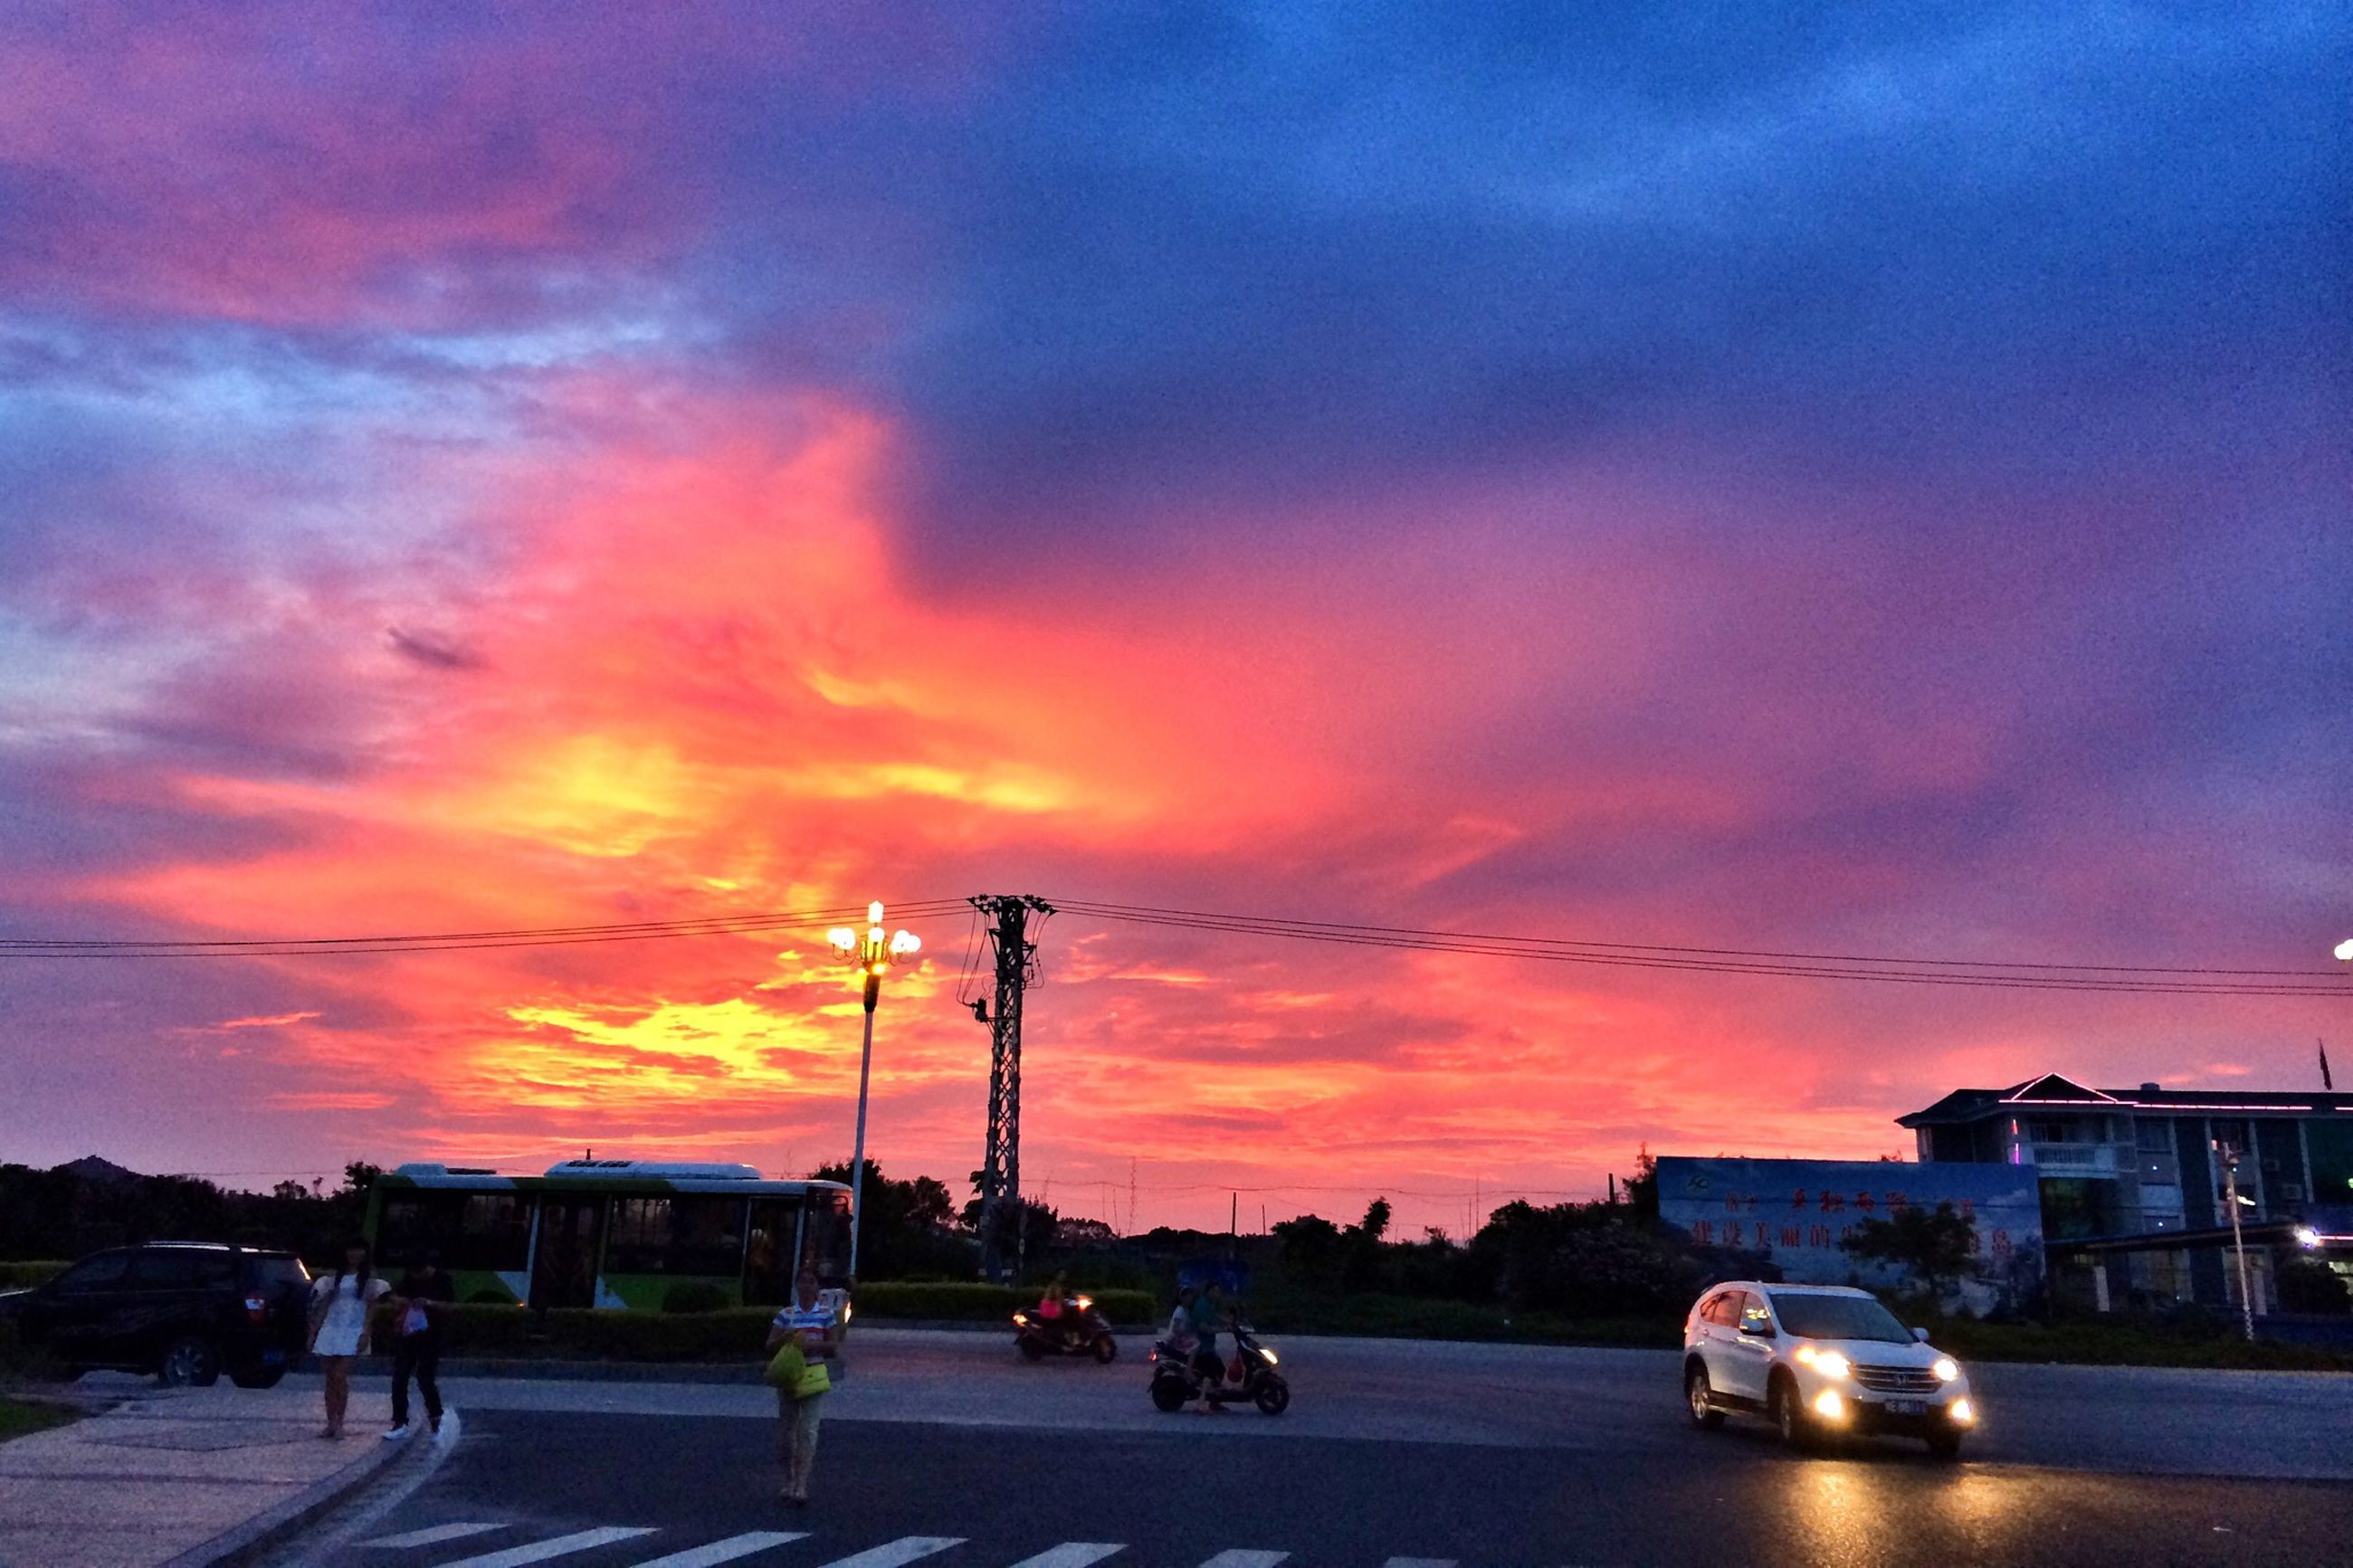 Dongshan Island, Fijian, China. July 6,14 Sunset Beautiful Sunset Sunset Silhouettes Travel